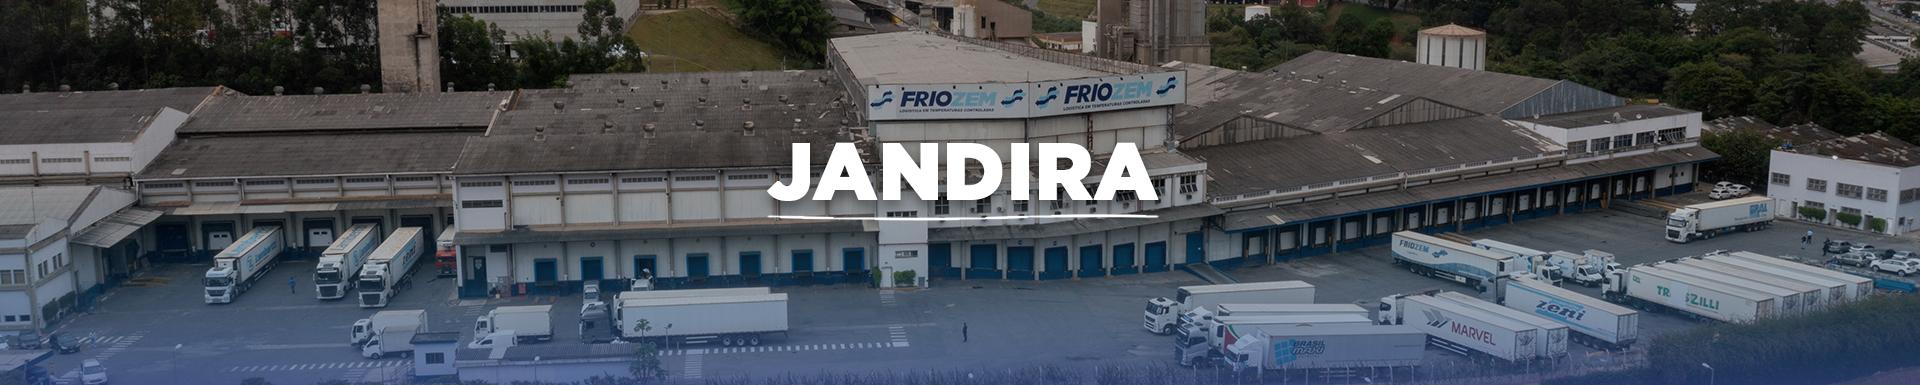 Banner Jandira